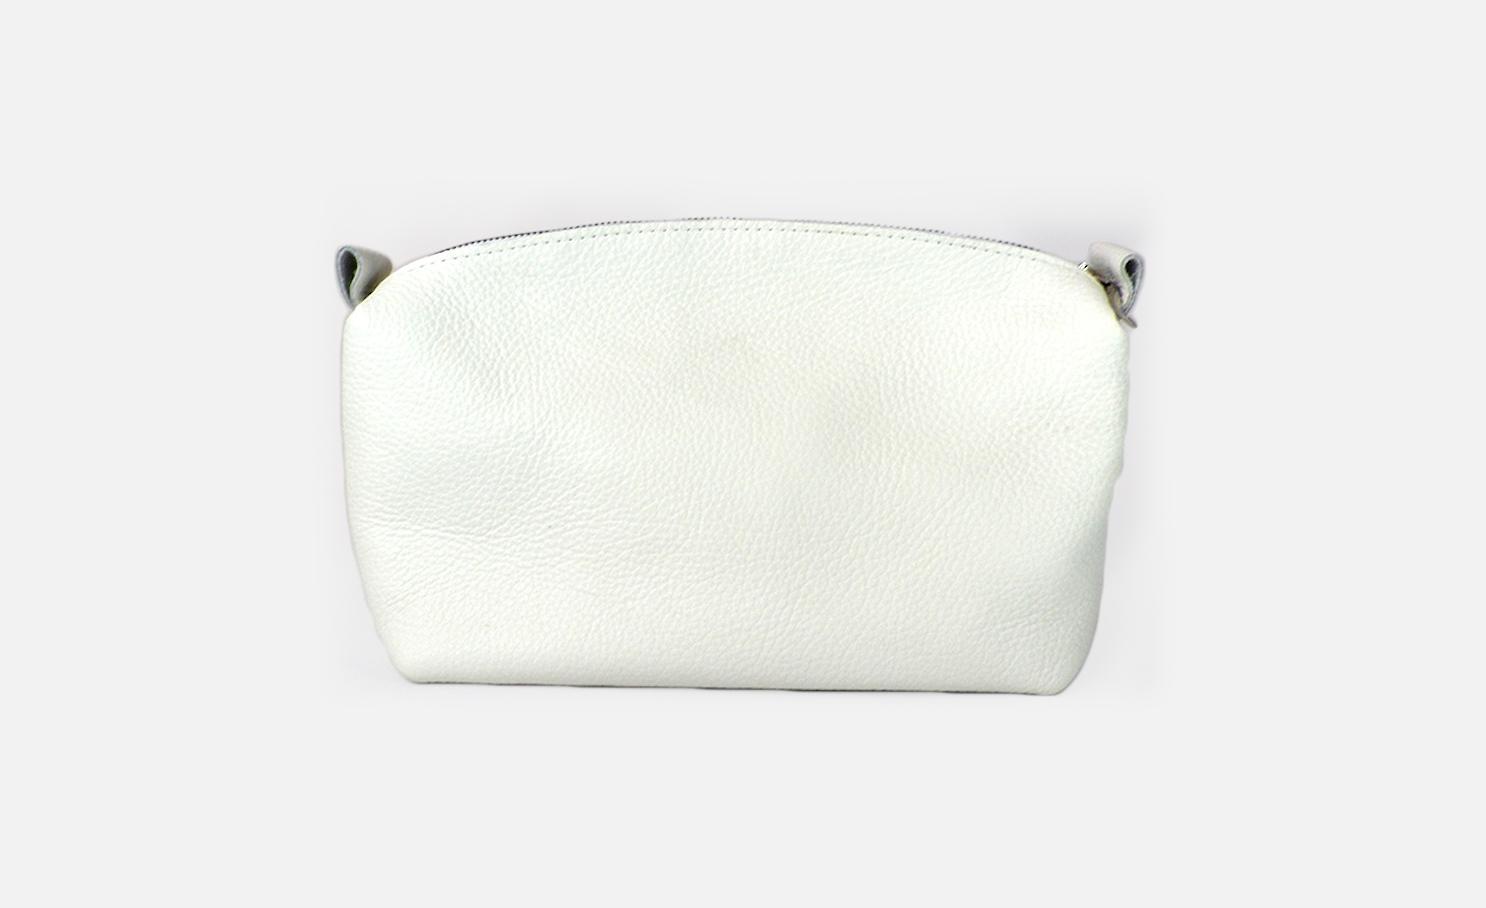 Custom leather cosmetic bags-Trousse de toilette en cuir personnalisée